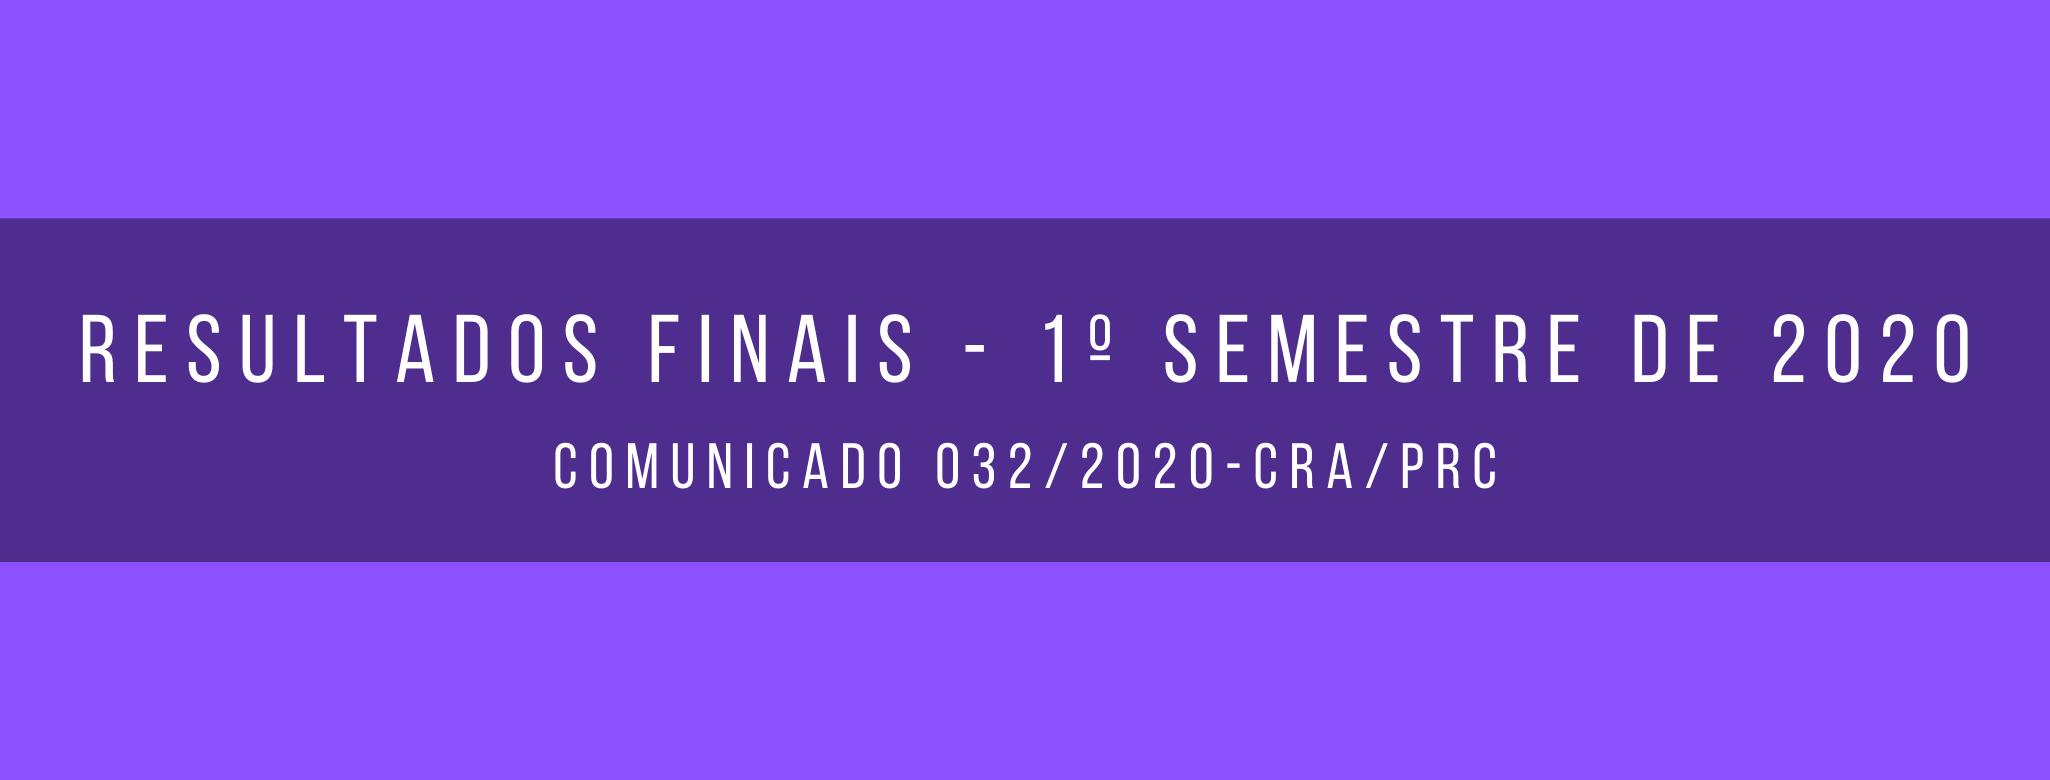 Resultados Finais (Notas e Faltas) - 1º Semestre de 2020.